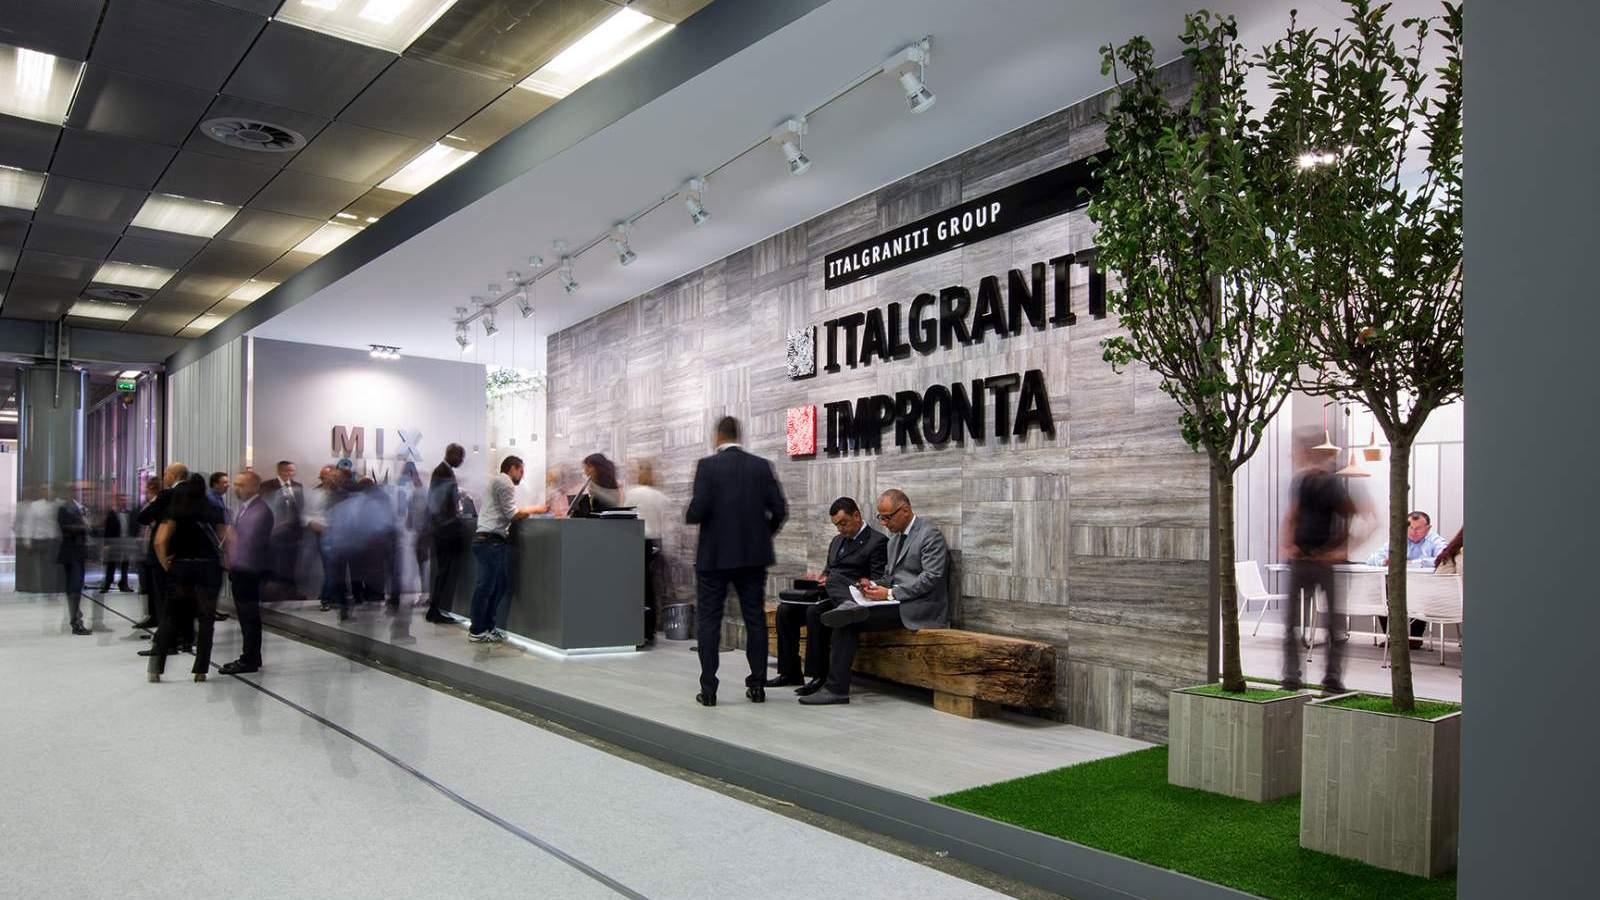 Italgraniti cersaie 2012 bologna bottega architetture for Cersaie bologna 2016